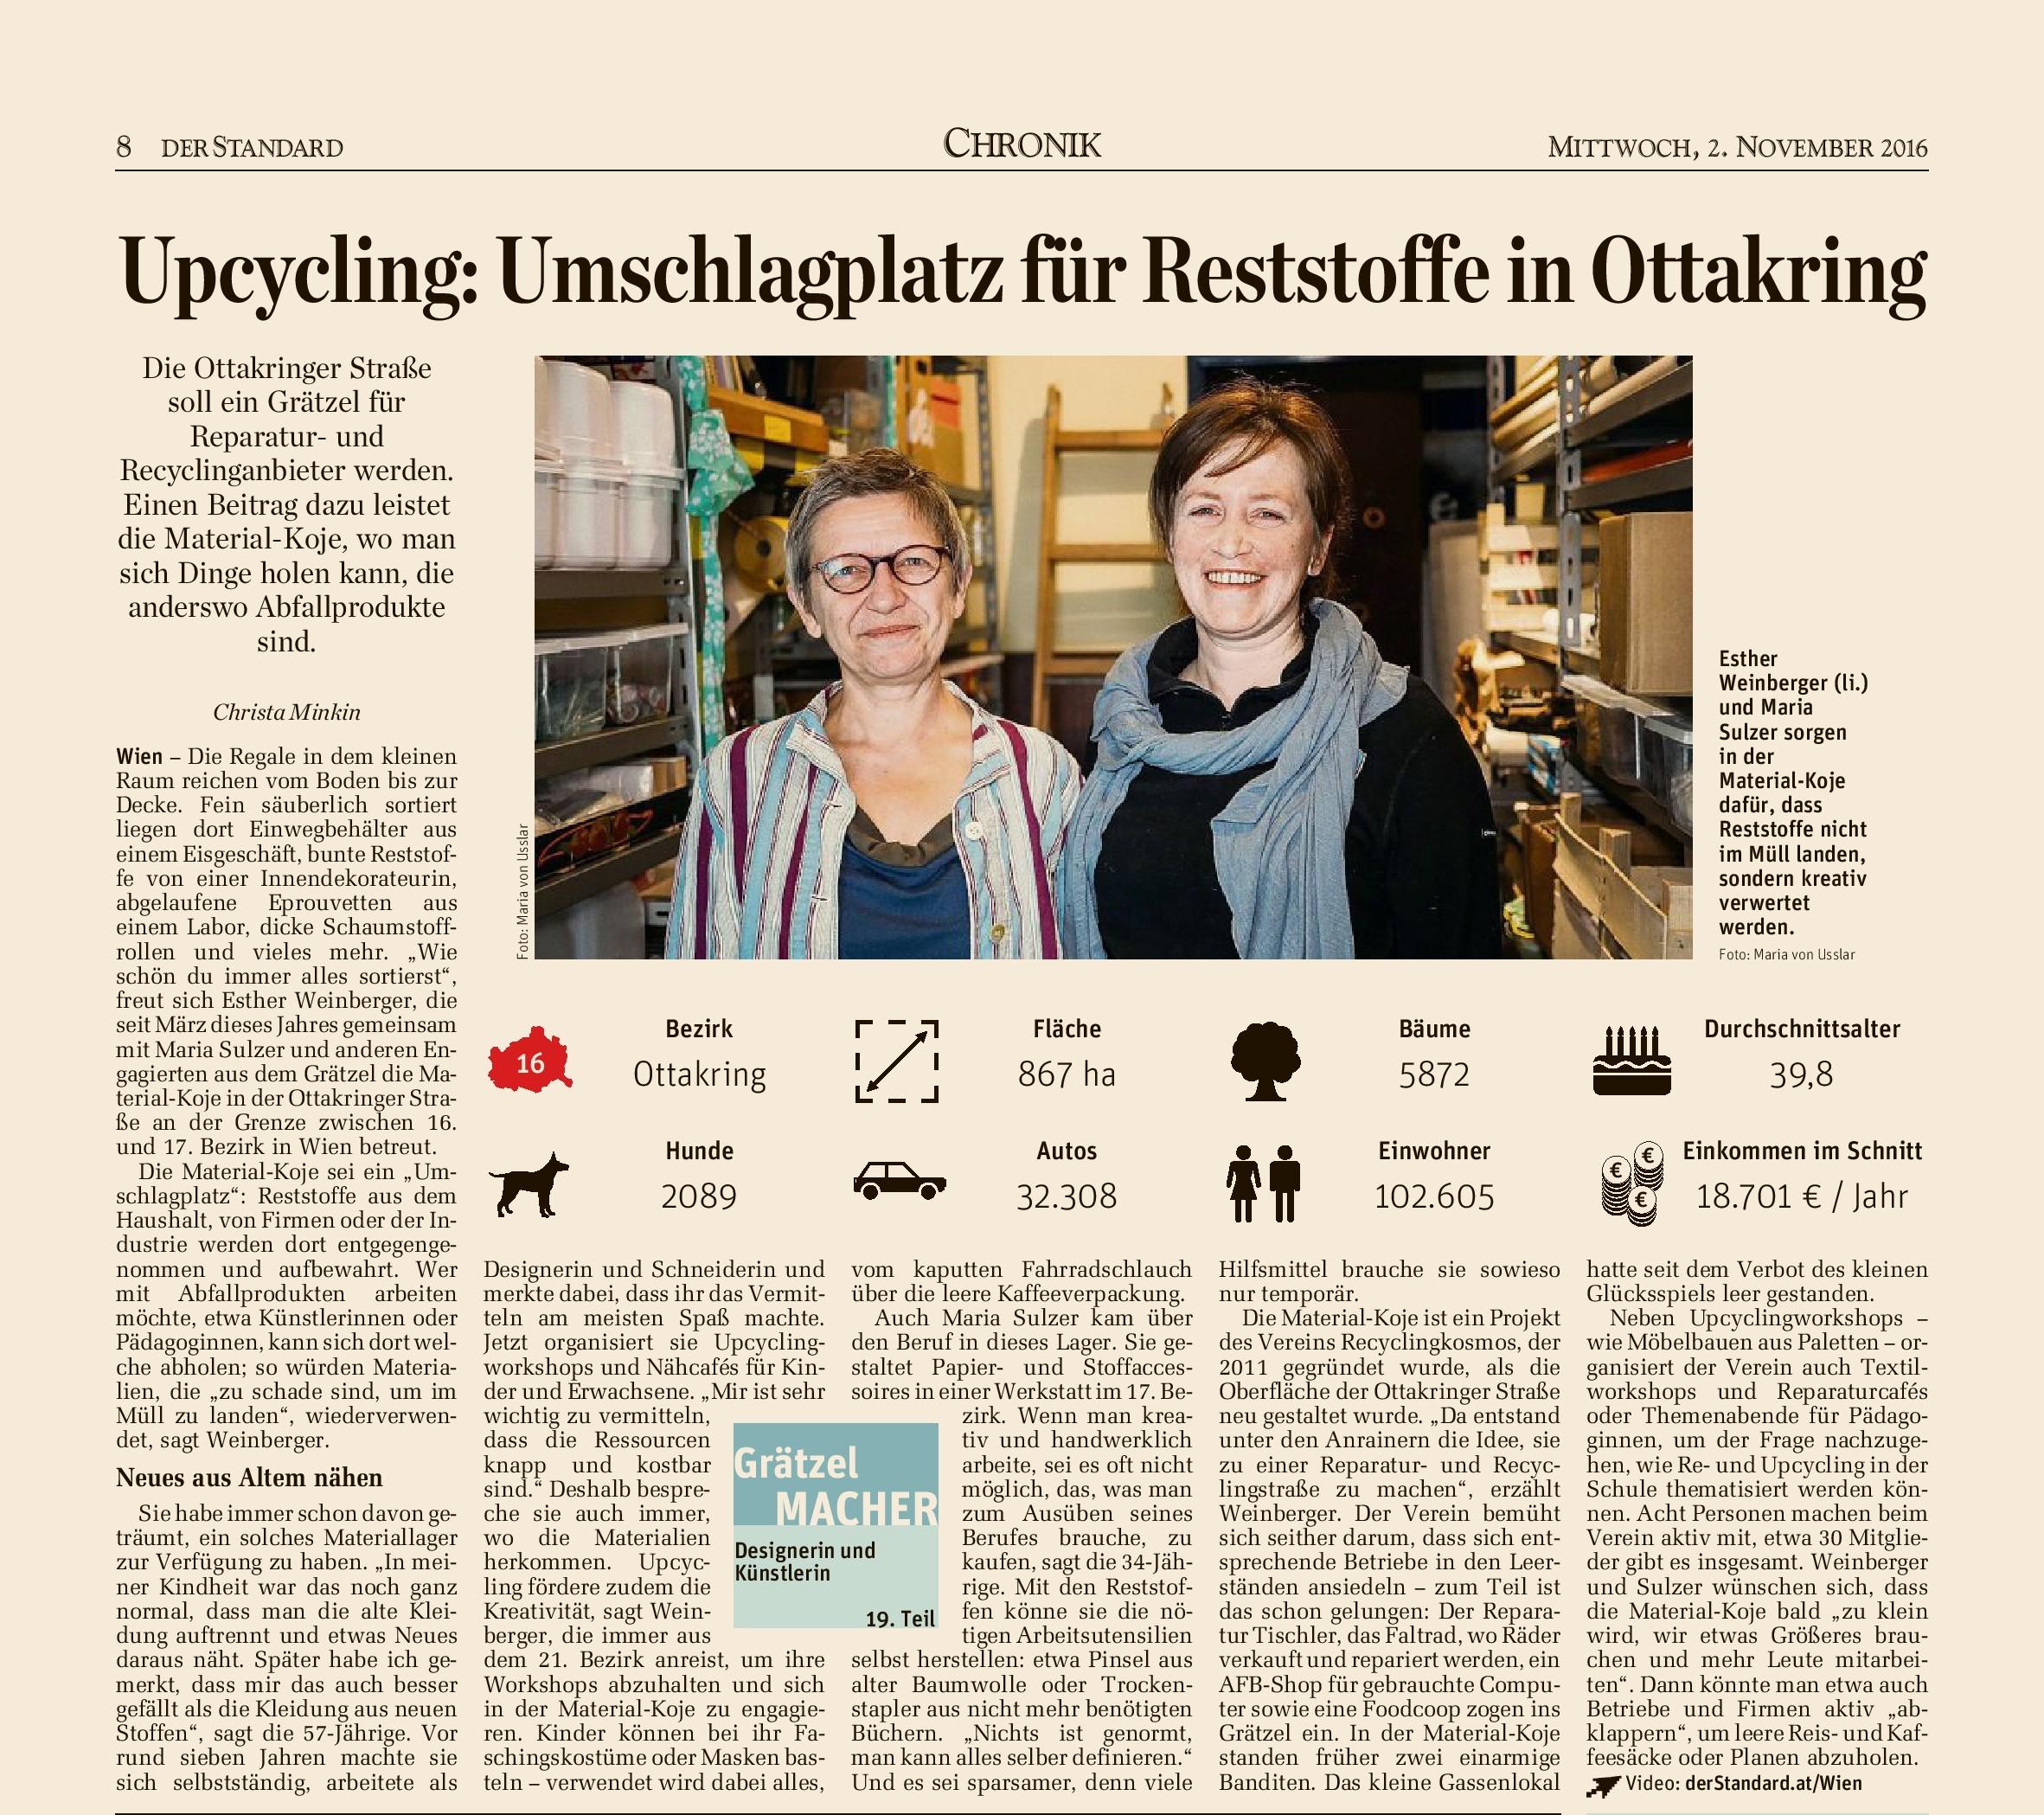 Der Standard, 2. Nov. 2016, Seite 8